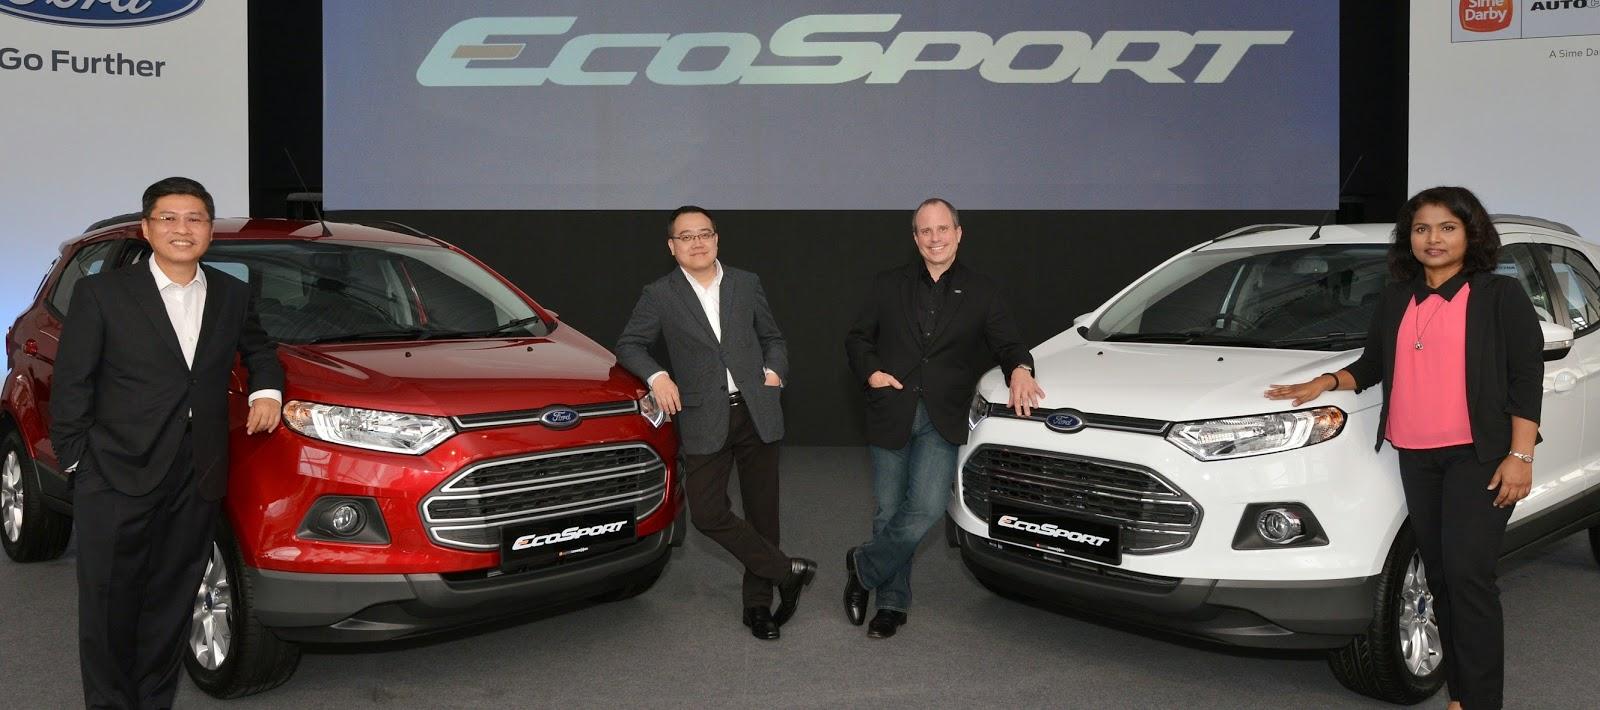 Dicipta Untuk Dunia Urban Ford EcoSport Serba Baharu Yang Kompak Cekap Dan Bergaya Kini Tiba di Malaysia